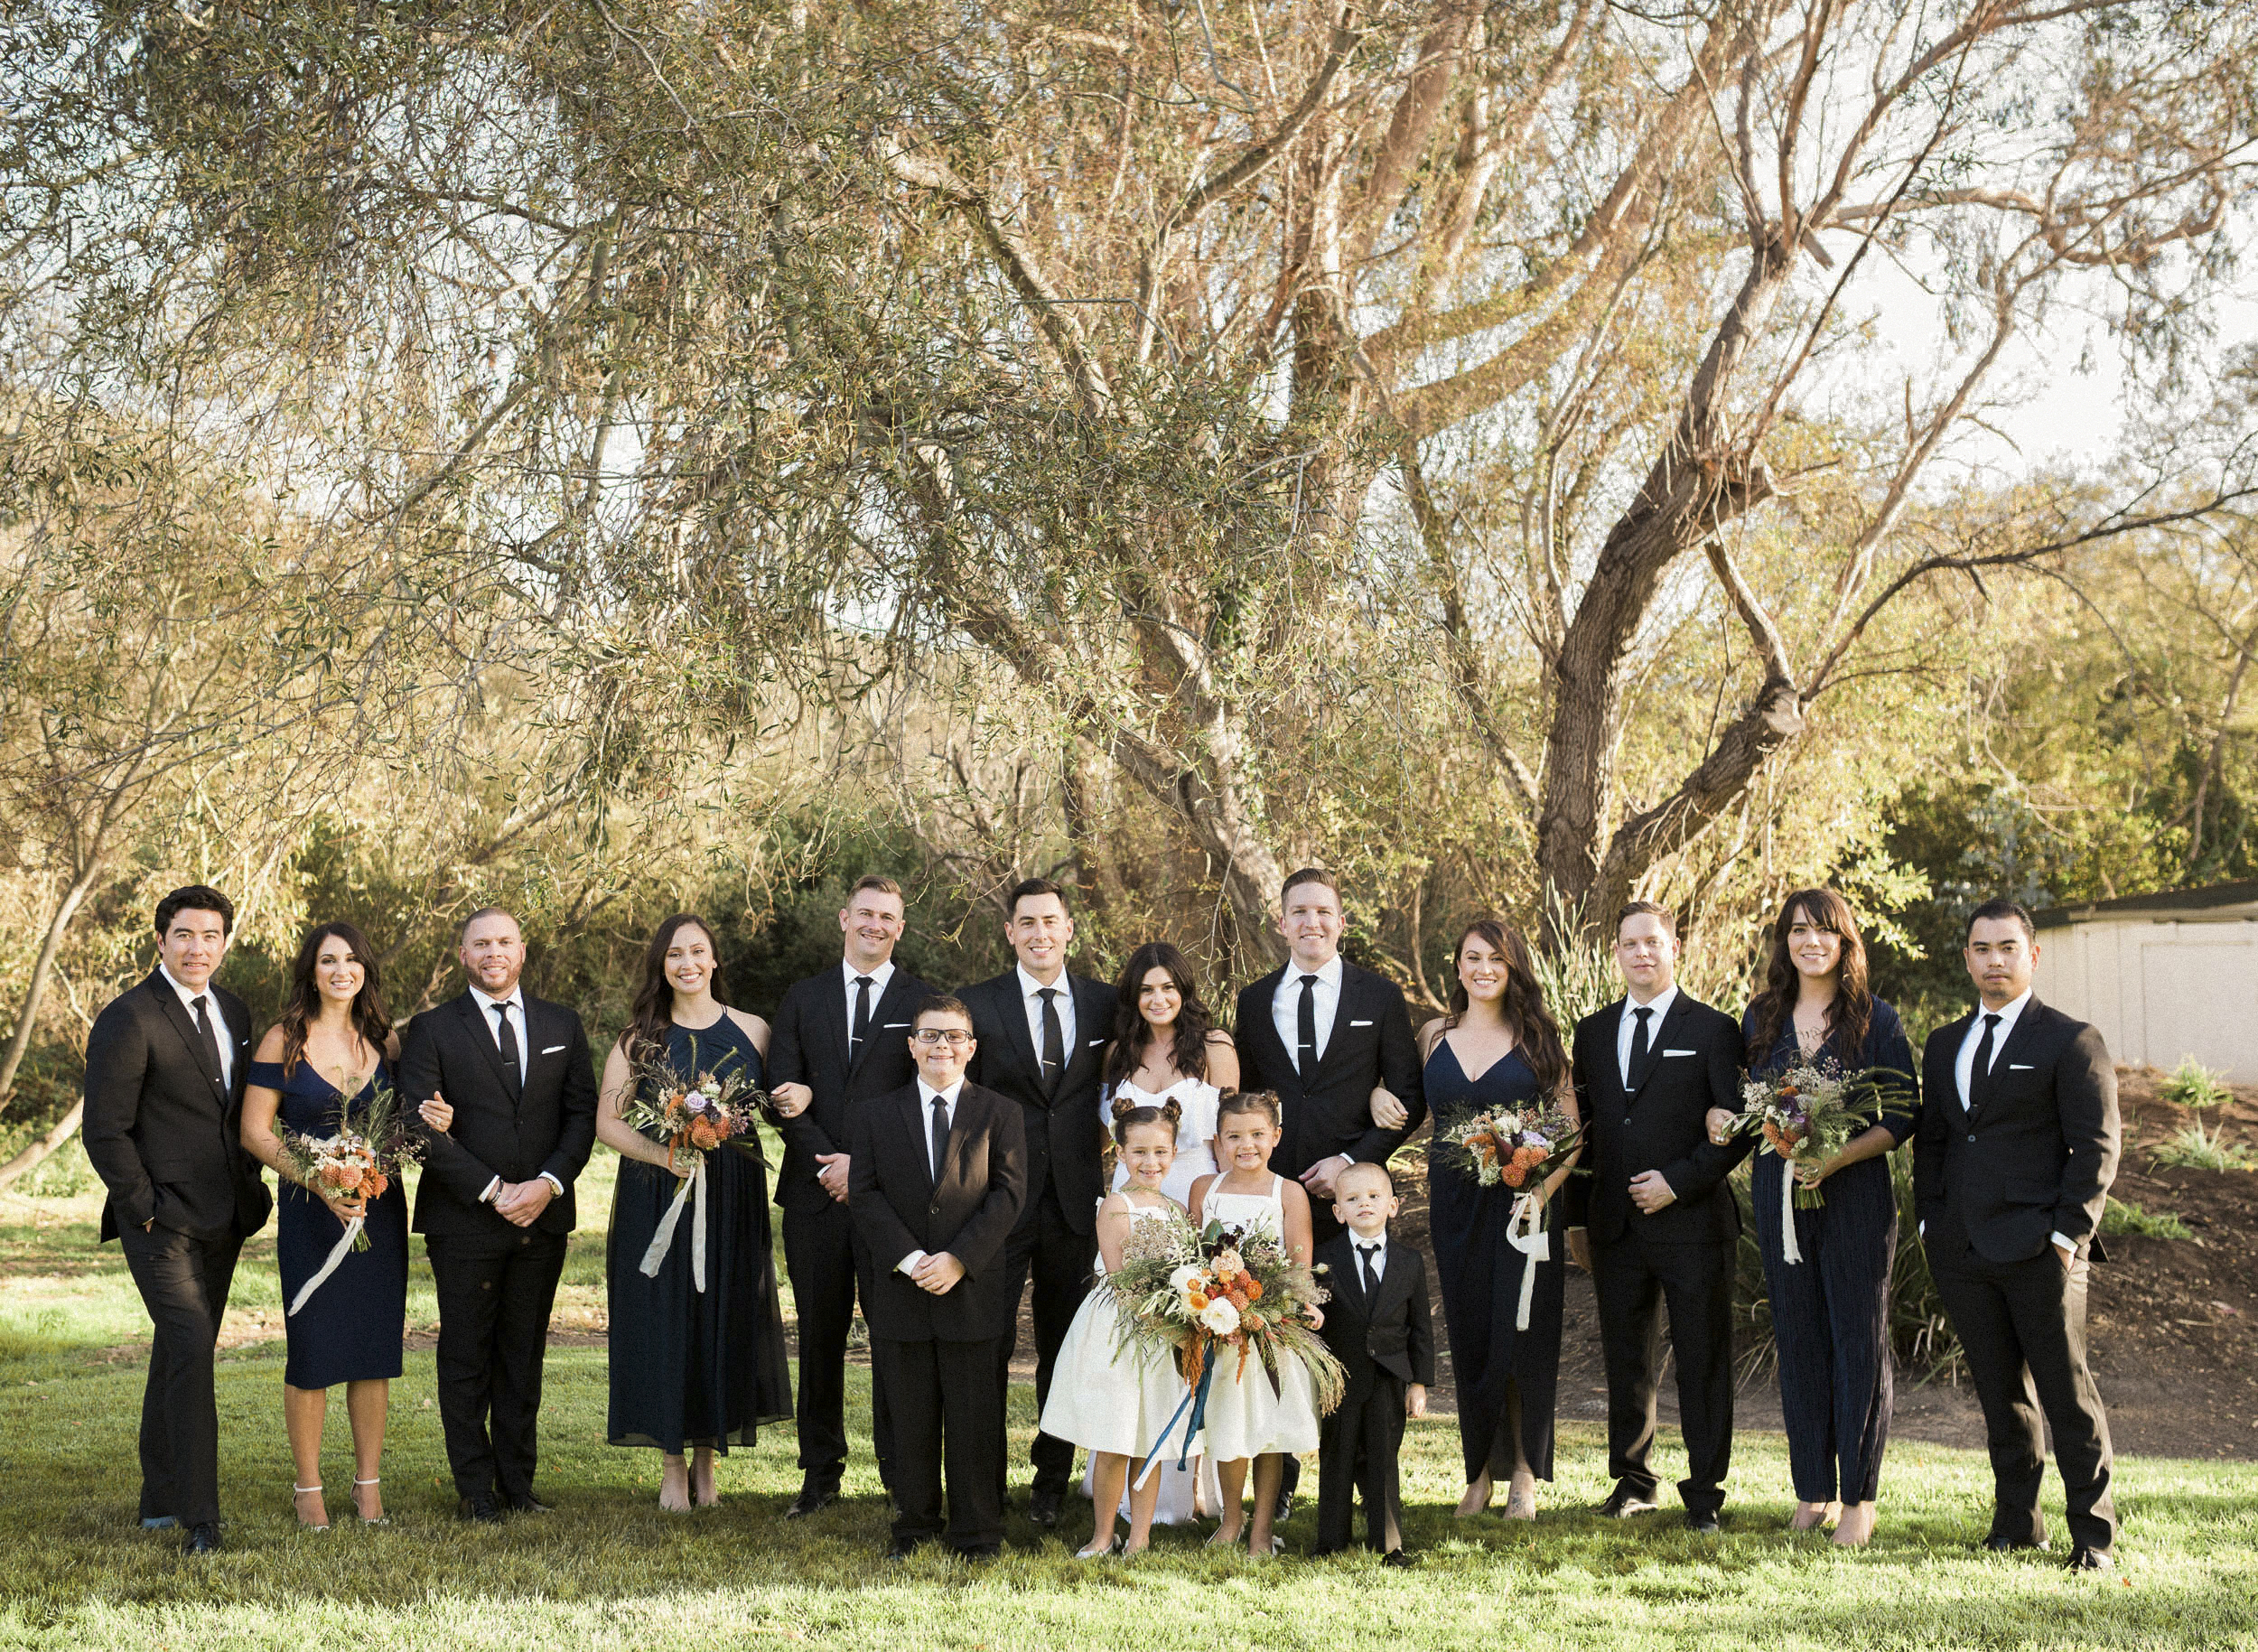 089carmel_california_destination_wedding_photography_wedding_videography_mission_ranch.jpg